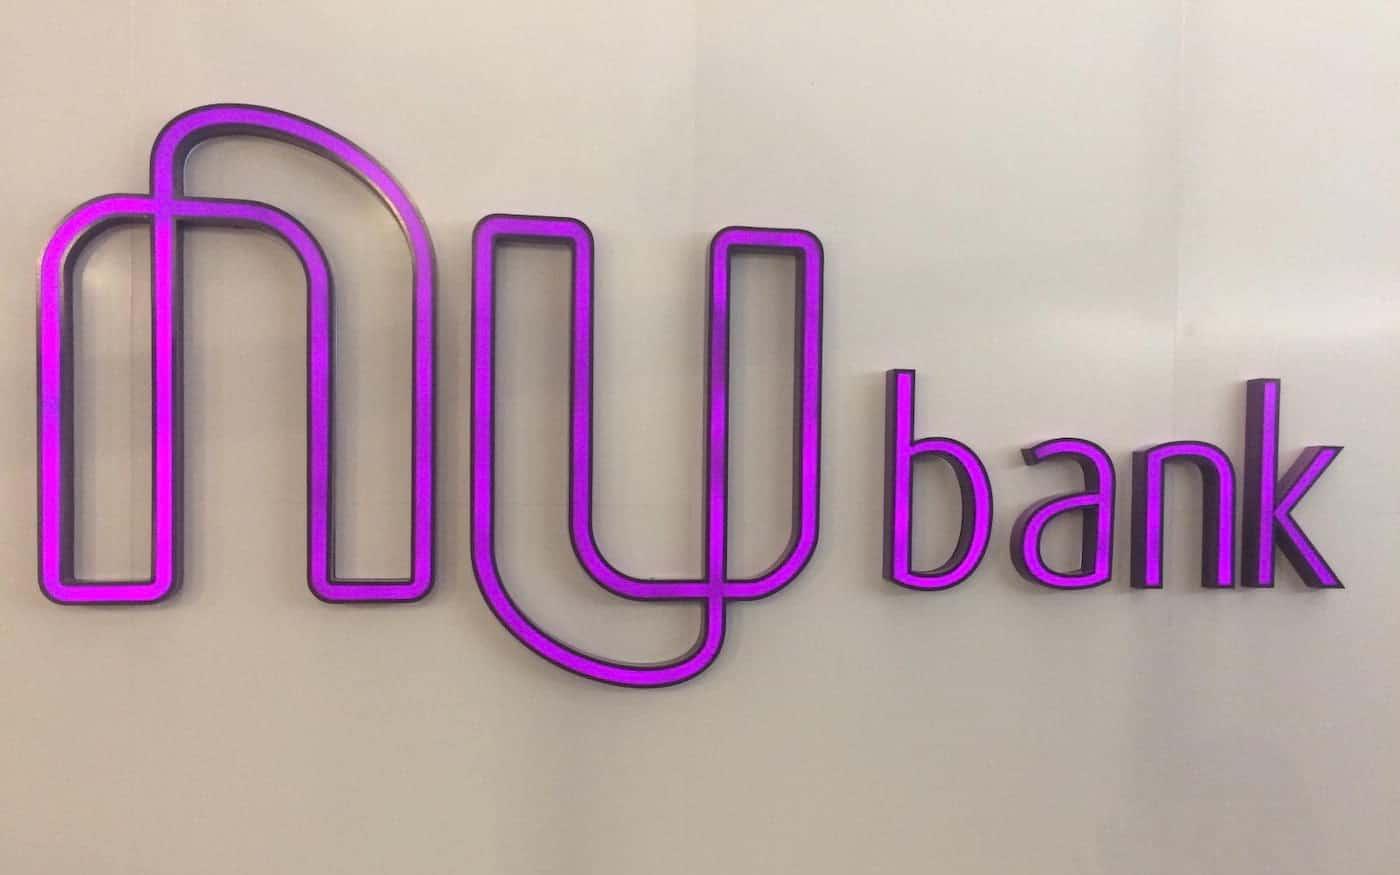 Nubank avalia vender seguro de veículos em breve; conheça a novidade! (Imagem: Reprodução - Google)